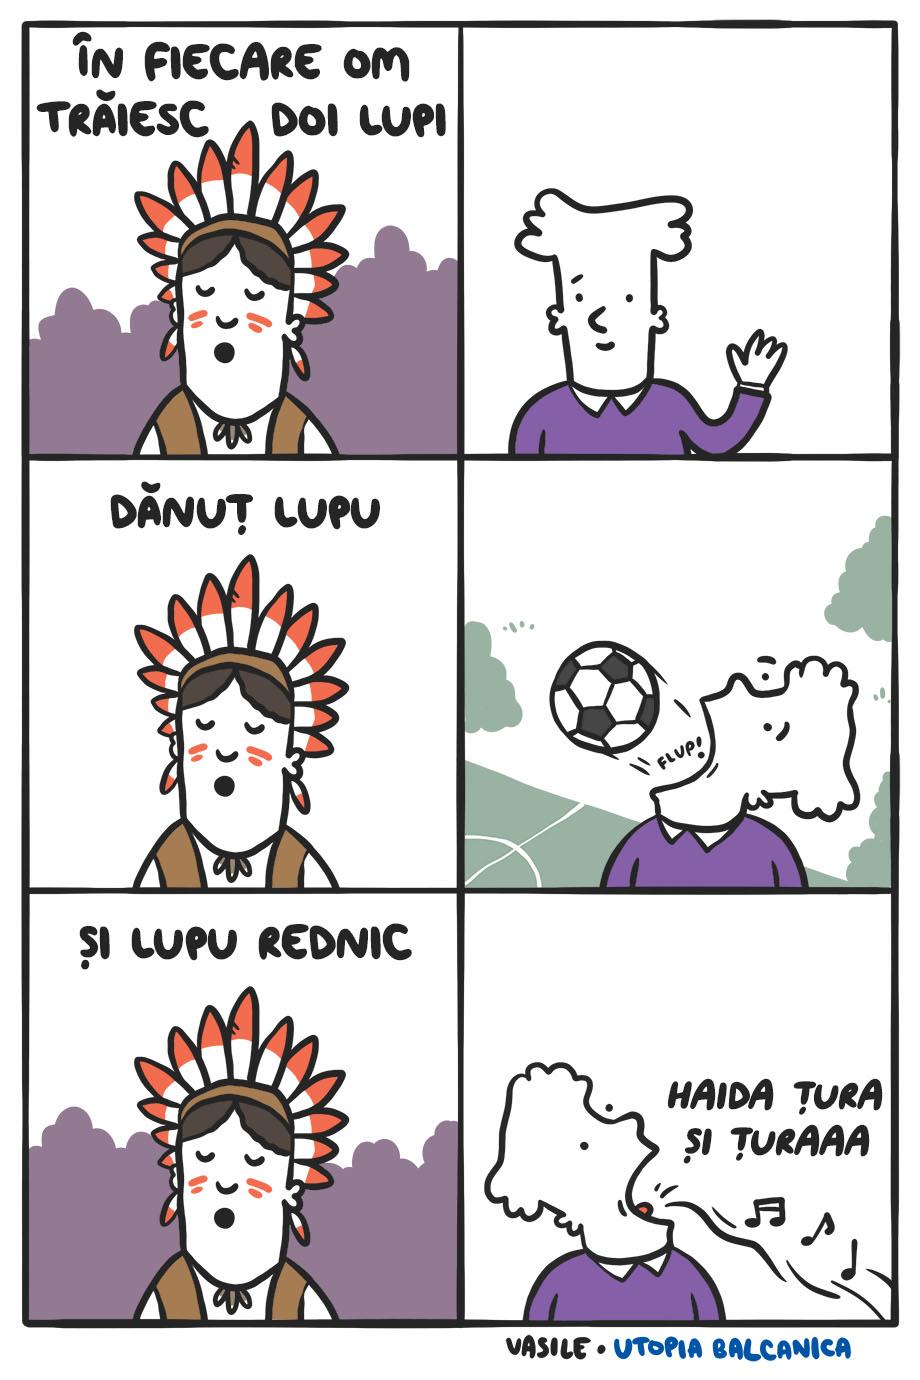 """1. Înţelept cherokee: """"În fiecare om trăiesc doi lupi"""" 2. Omul face cu mâna. 3. """"Dănuţ Lupu"""" 4. Omul scoate pe gură o minge de fotbal. 5. """"Şi Lupu Rednic"""" 6. Omul scoate pe gură note muzicale şi """"Haida ţura şi ţuraaa""""."""